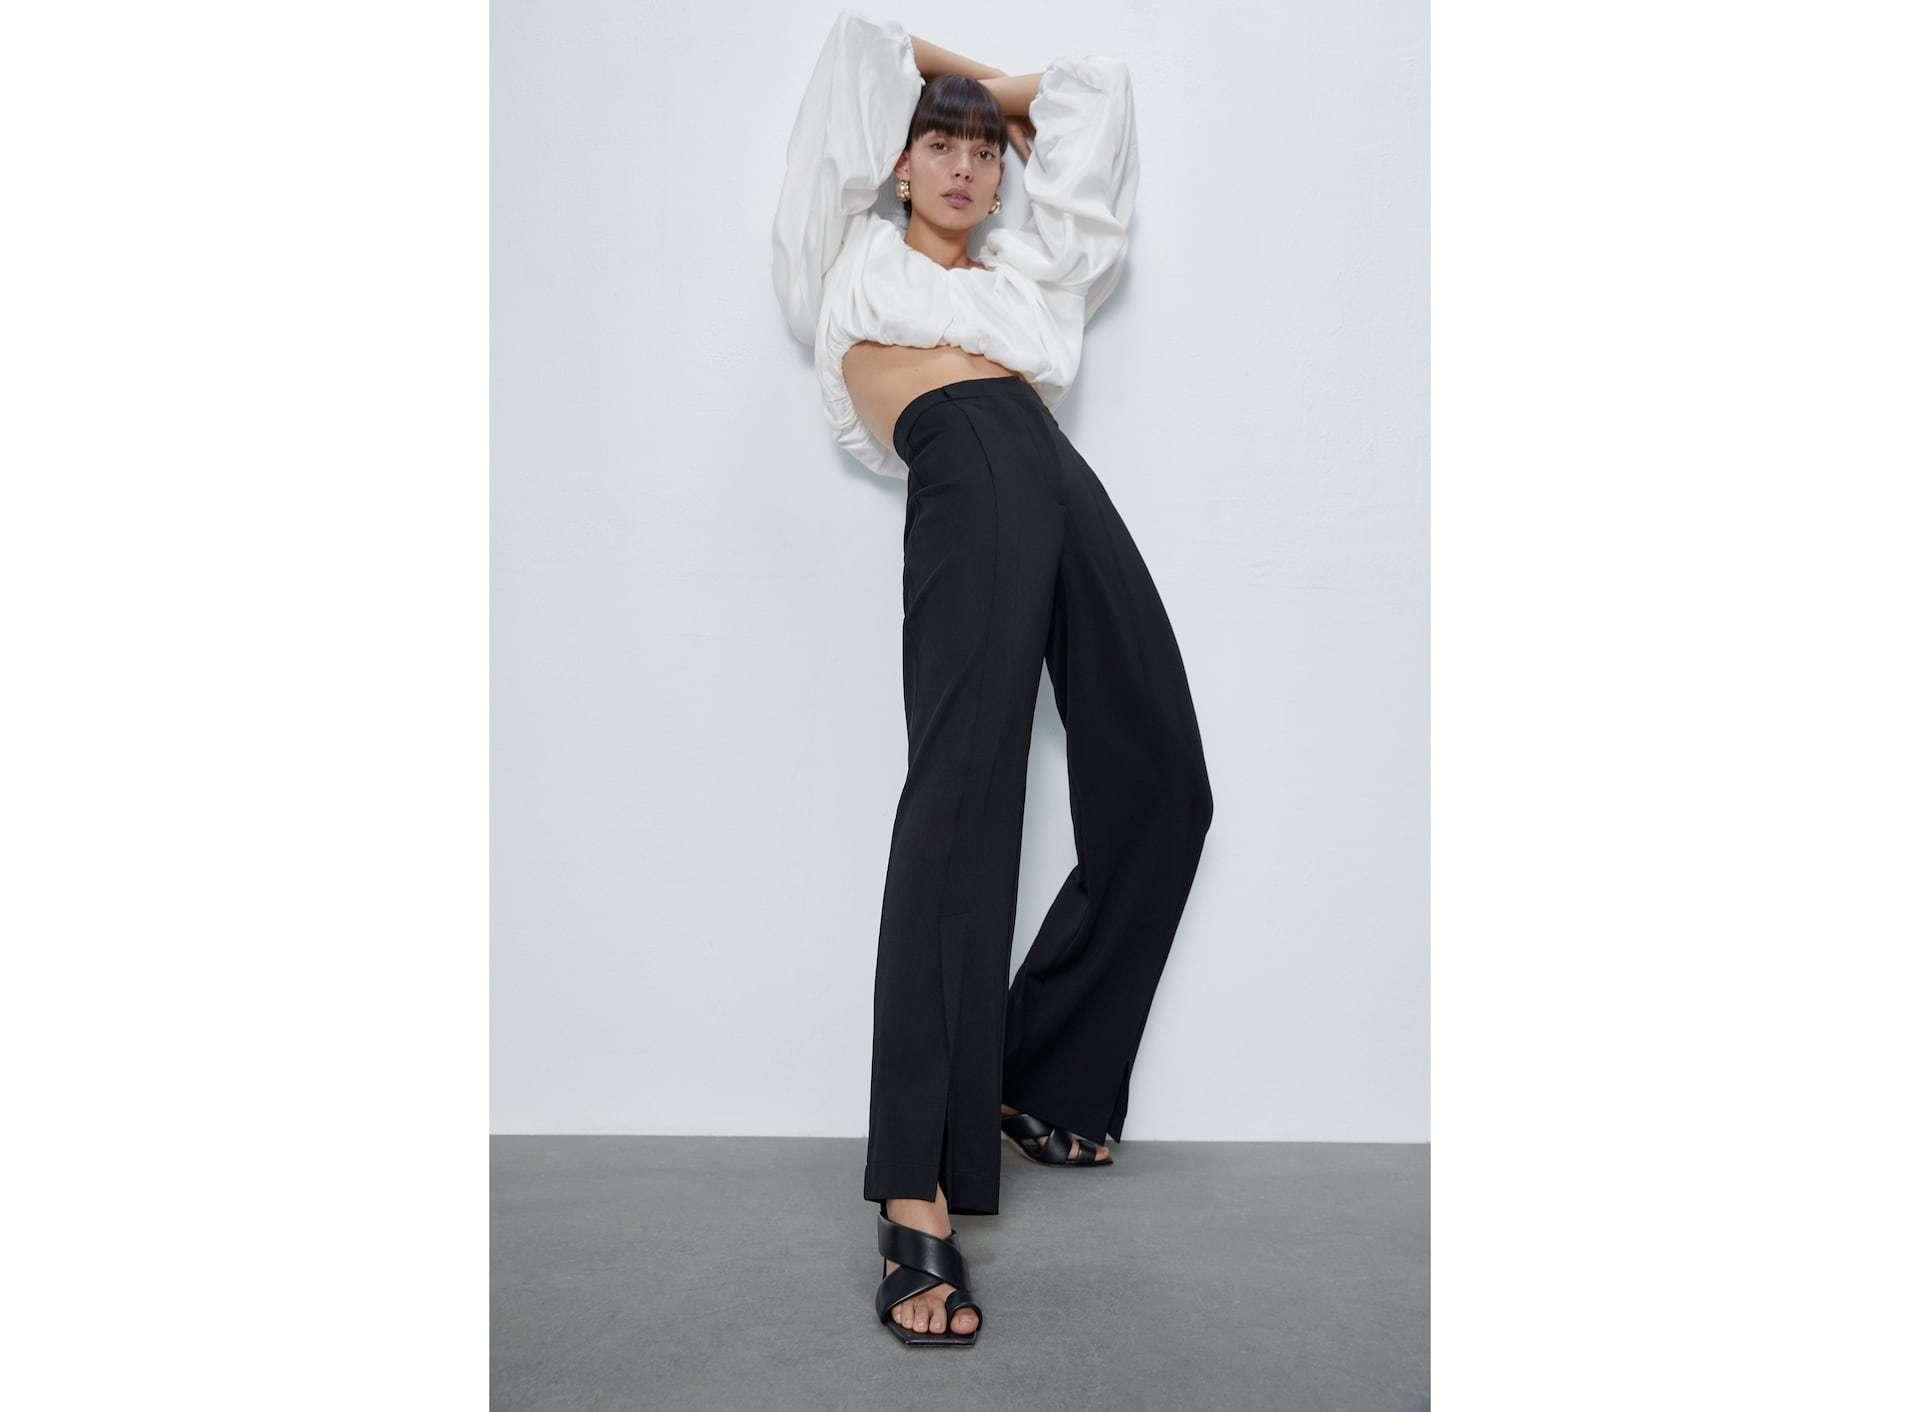 El pantalón de Zara.